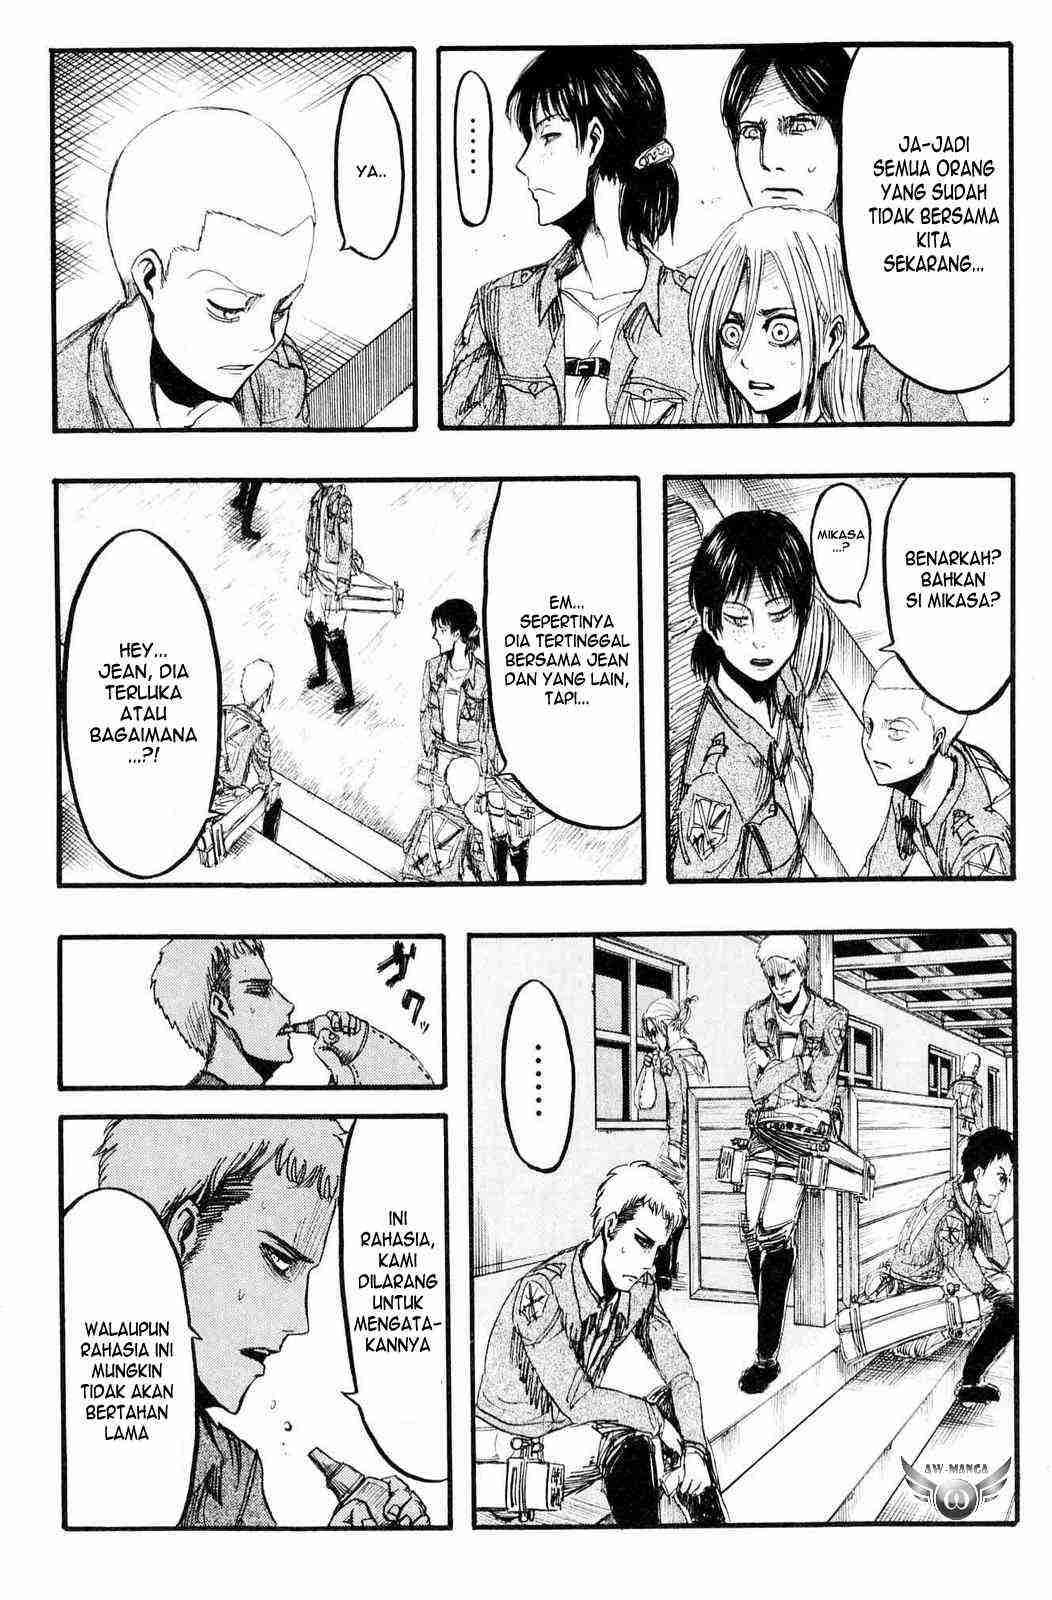 Komik shingeki no kyojin 011 12 Indonesia shingeki no kyojin 011 Terbaru 7 Baca Manga Komik Indonesia 